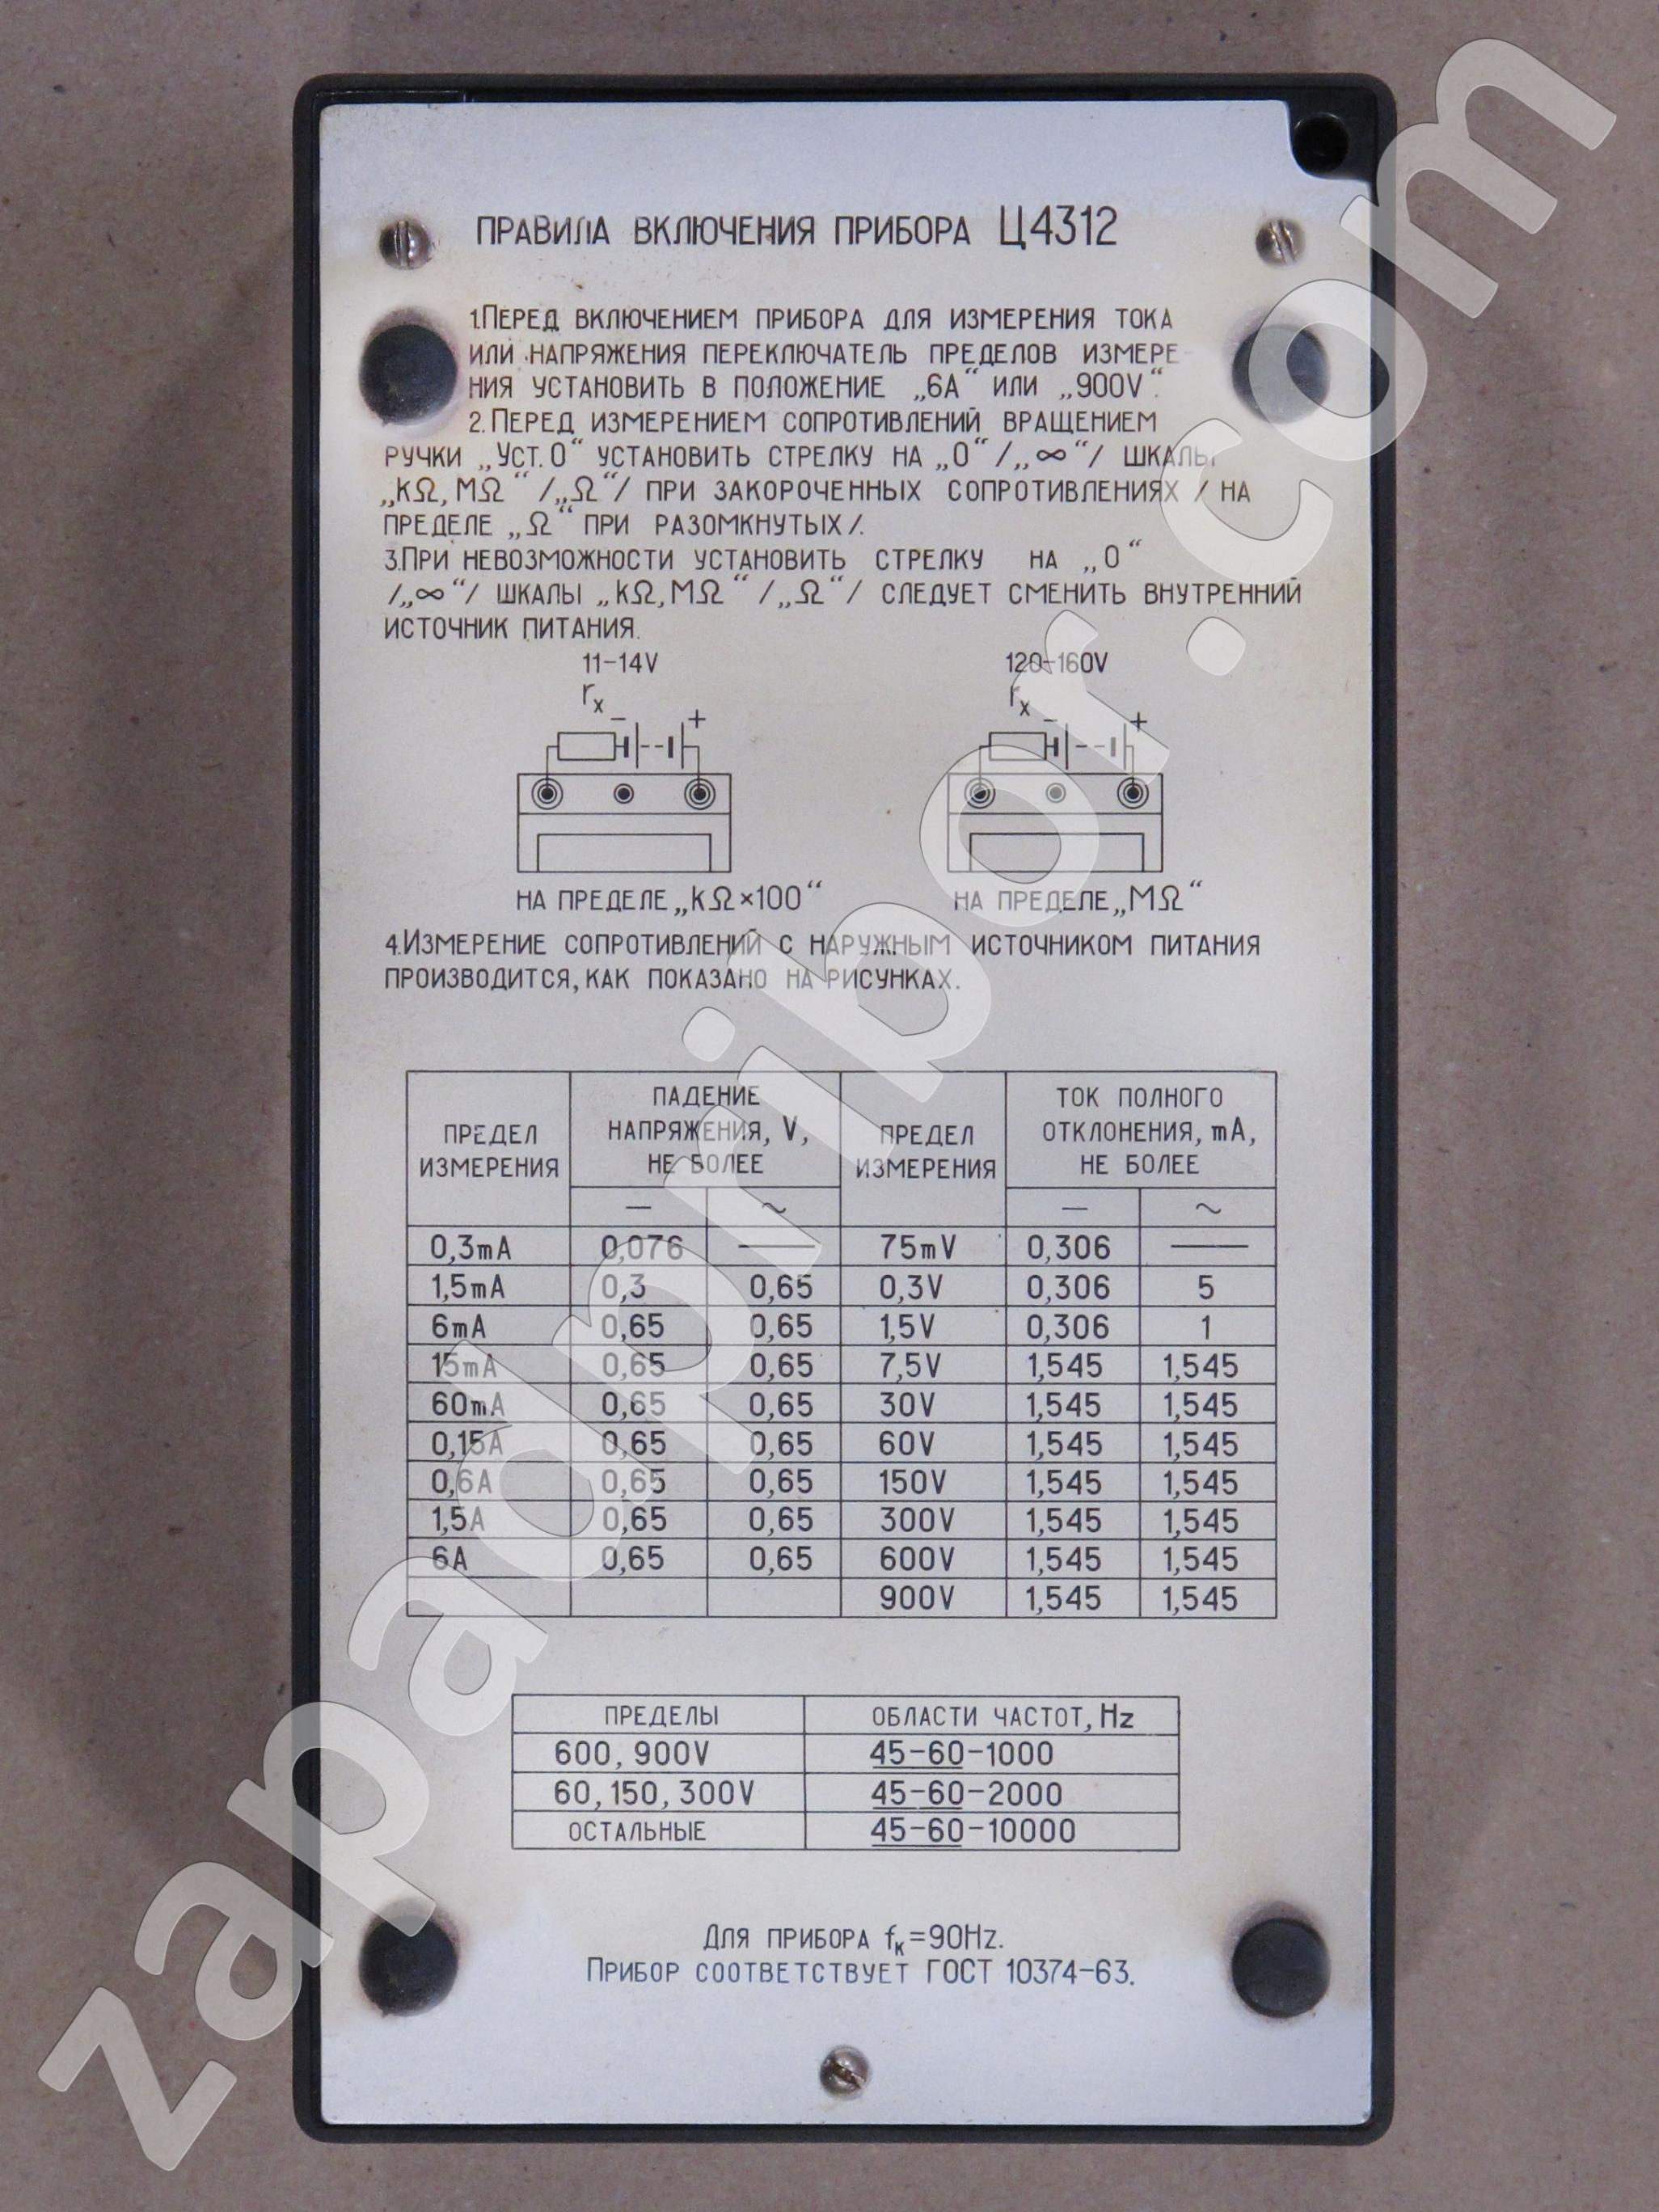 инструкция к электроизмерительному прибору ц-4312